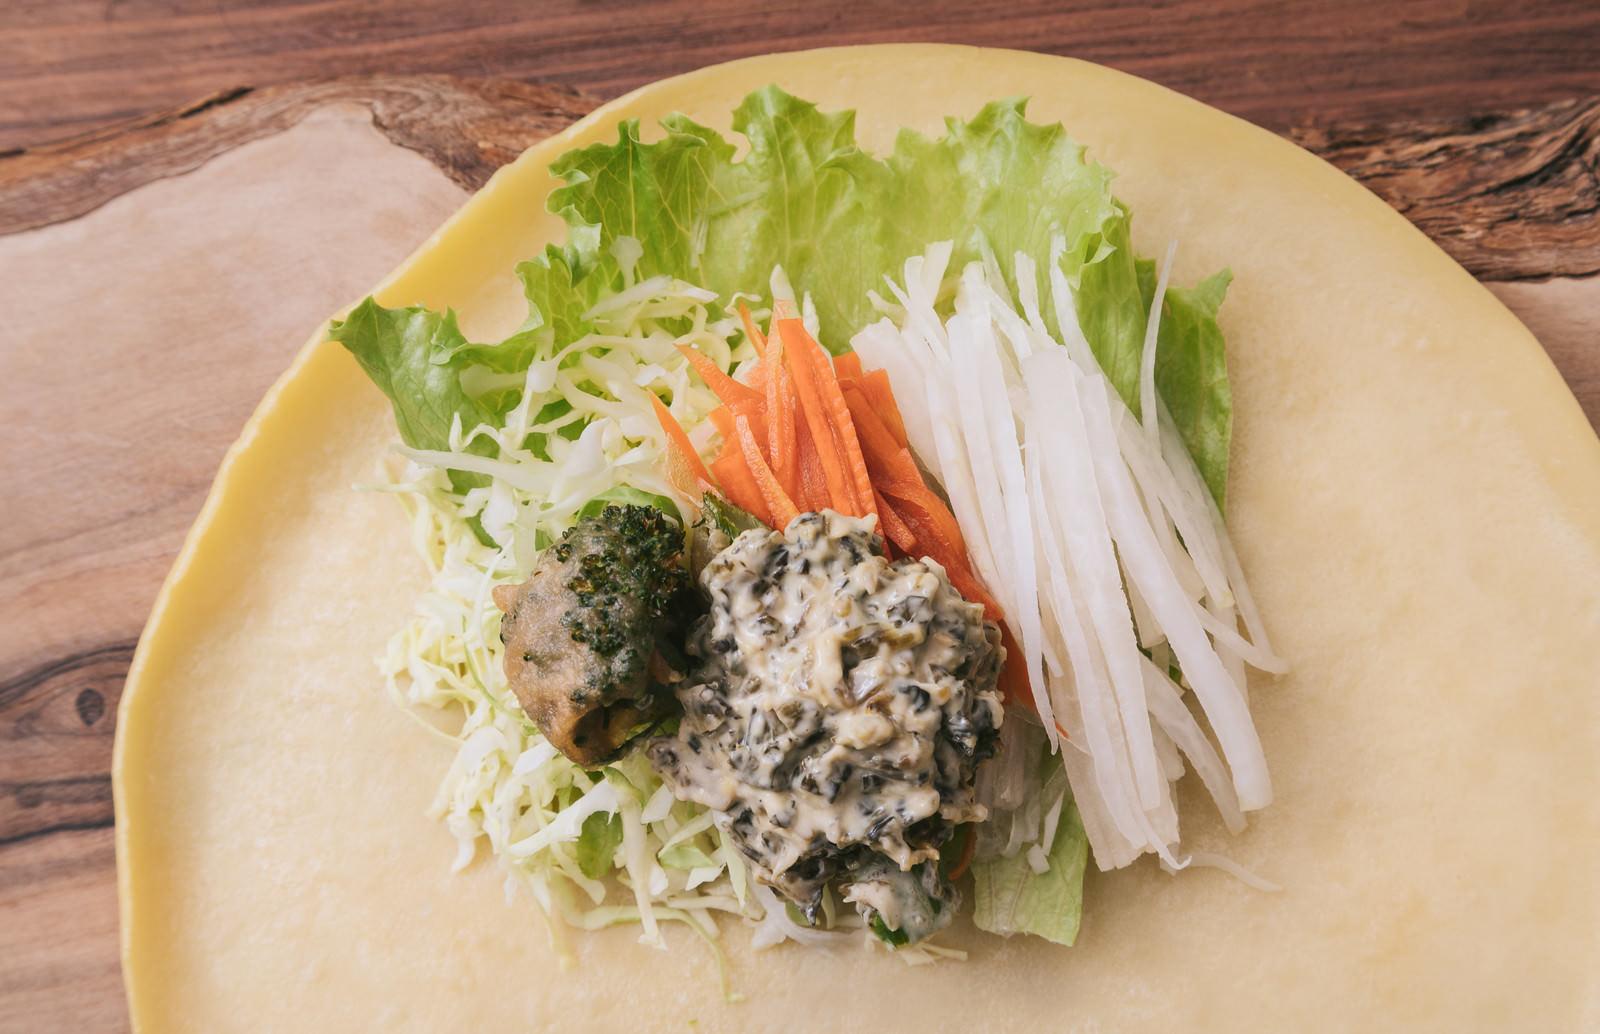 「野菜たっぷりのベジクレープ野菜たっぷりのベジクレープ」のフリー写真素材を拡大